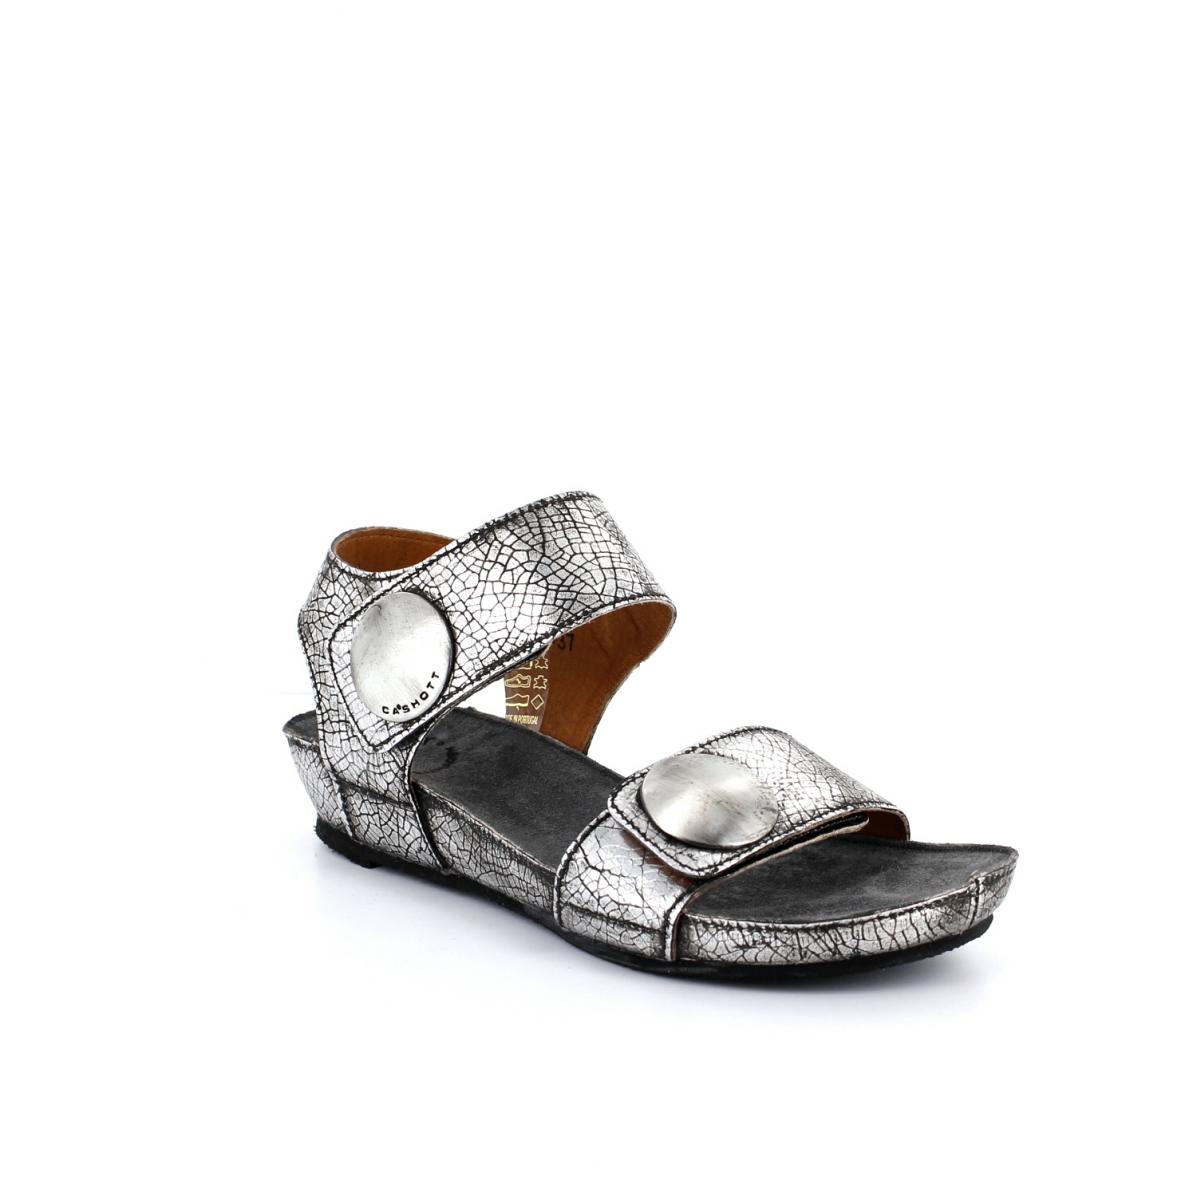 ca 39 shott sandale tibet silver hillenhinrichs schuhe. Black Bedroom Furniture Sets. Home Design Ideas